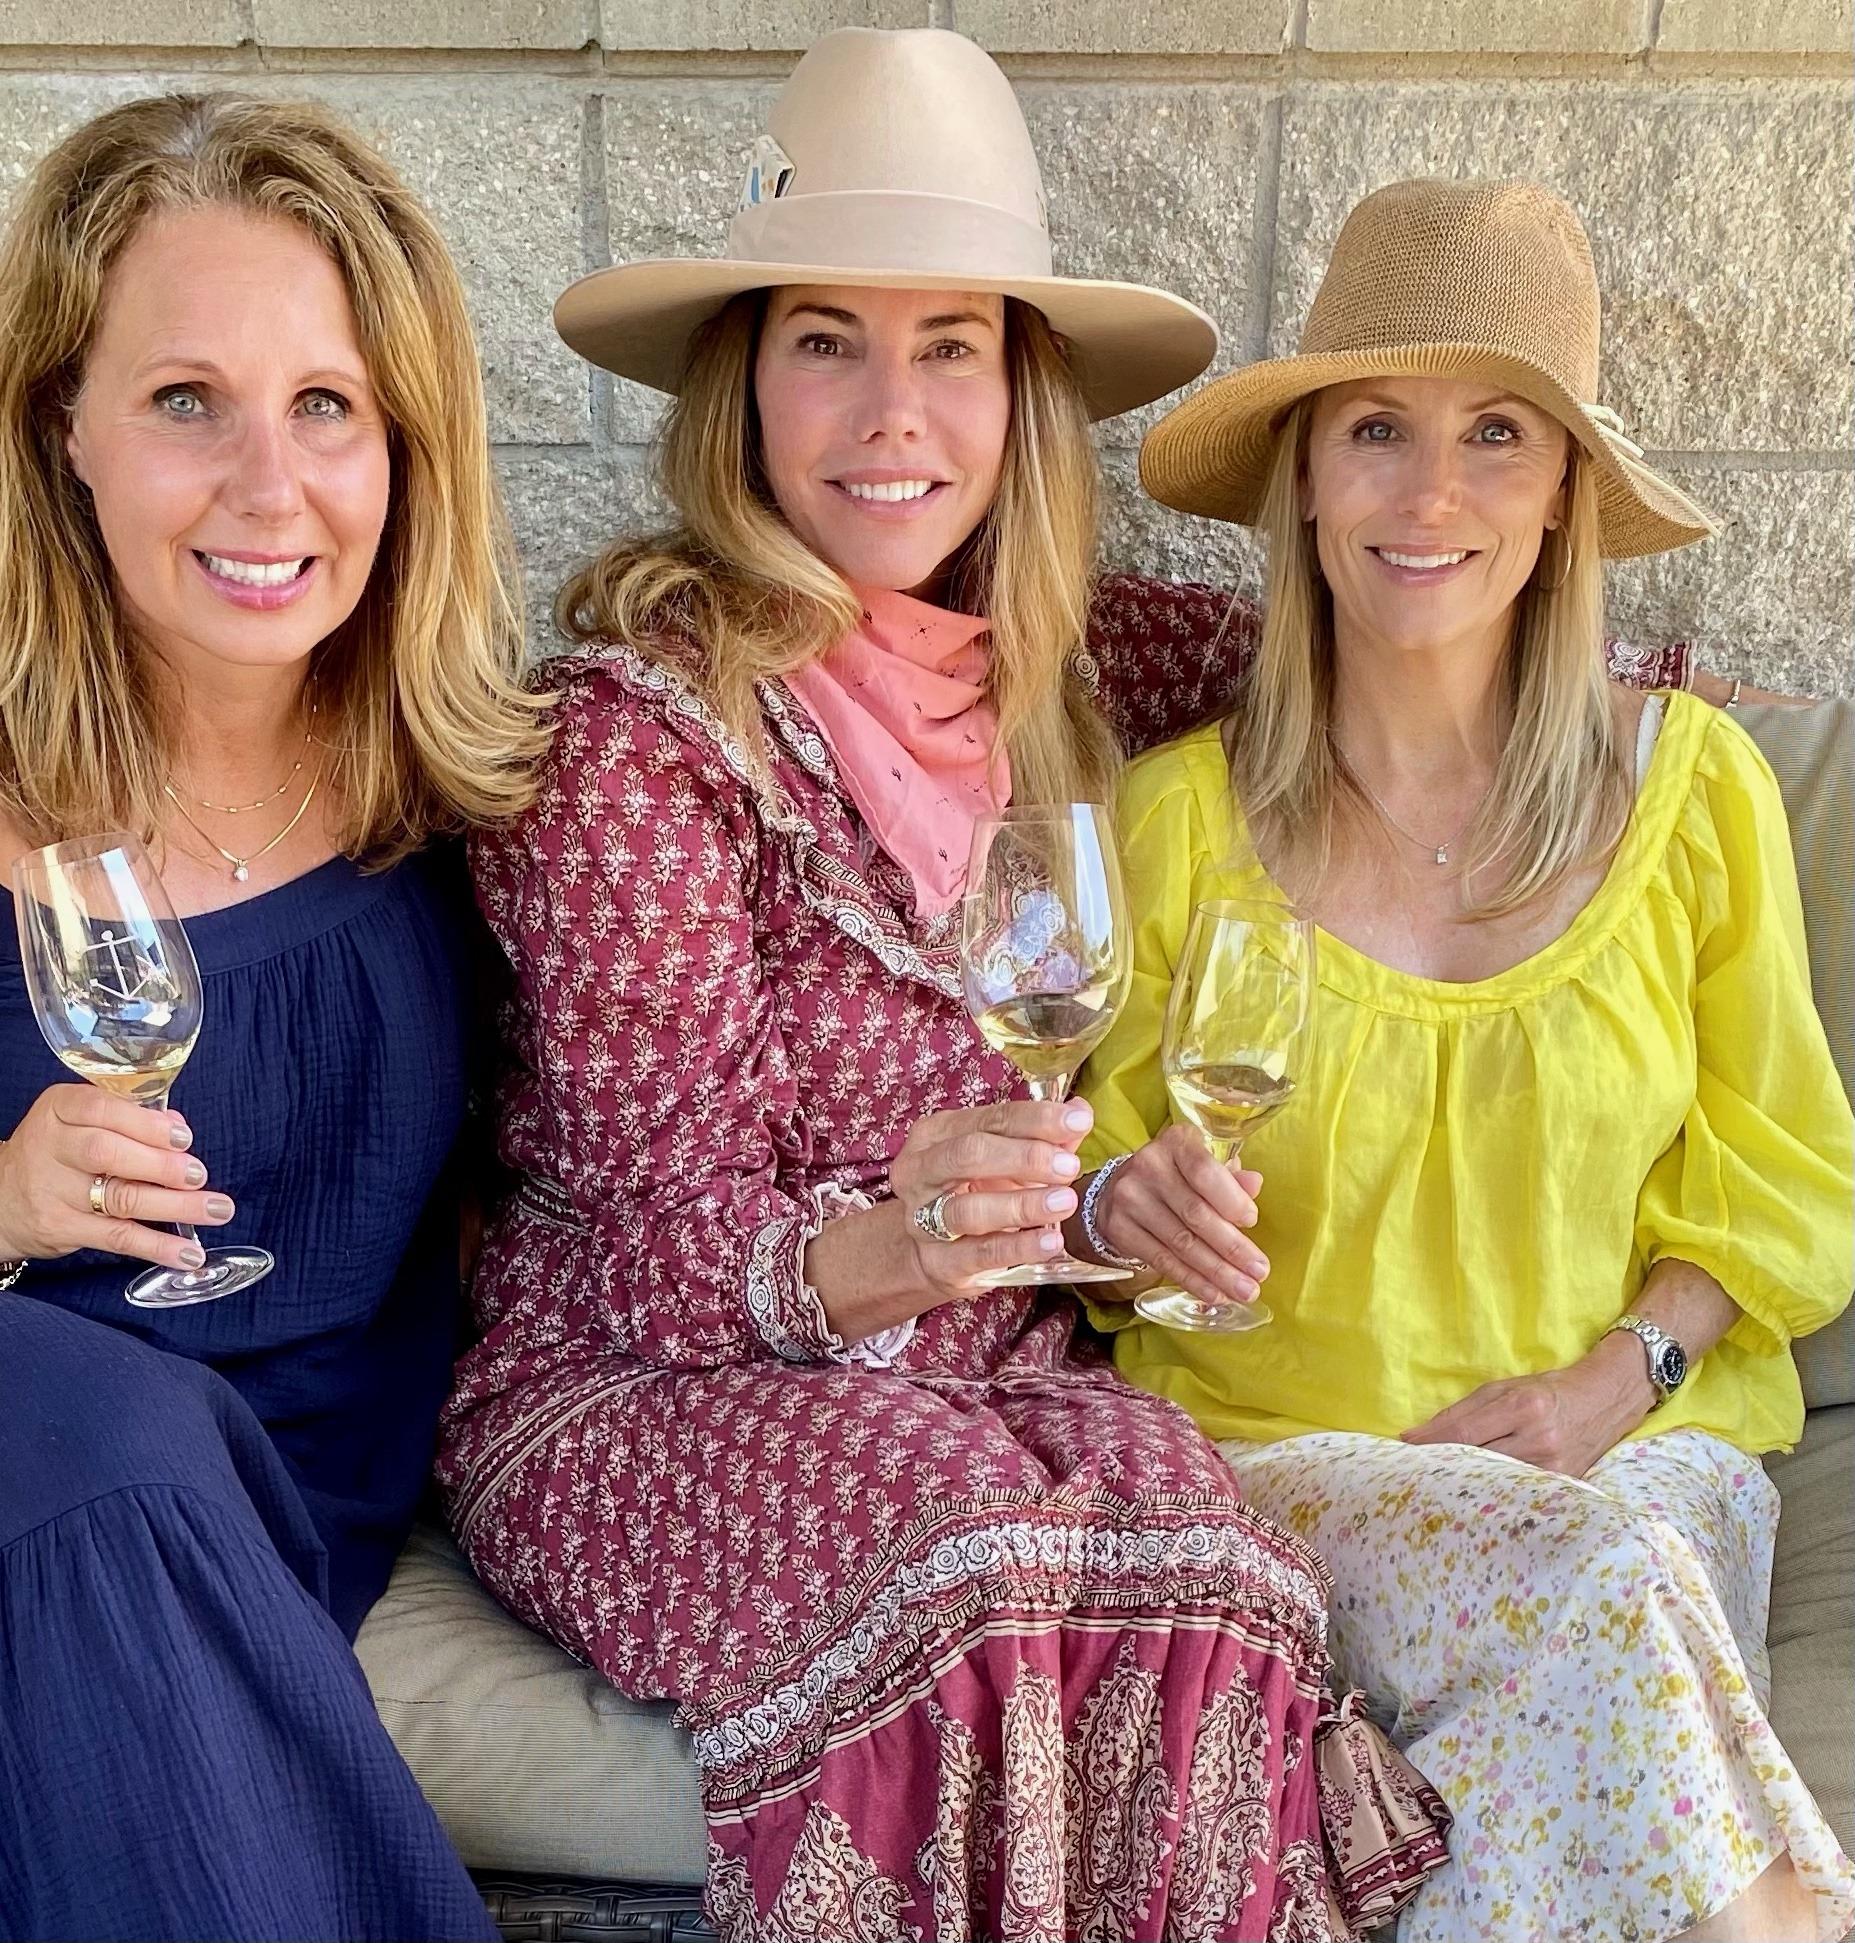 girls weekend away to go wine tasting